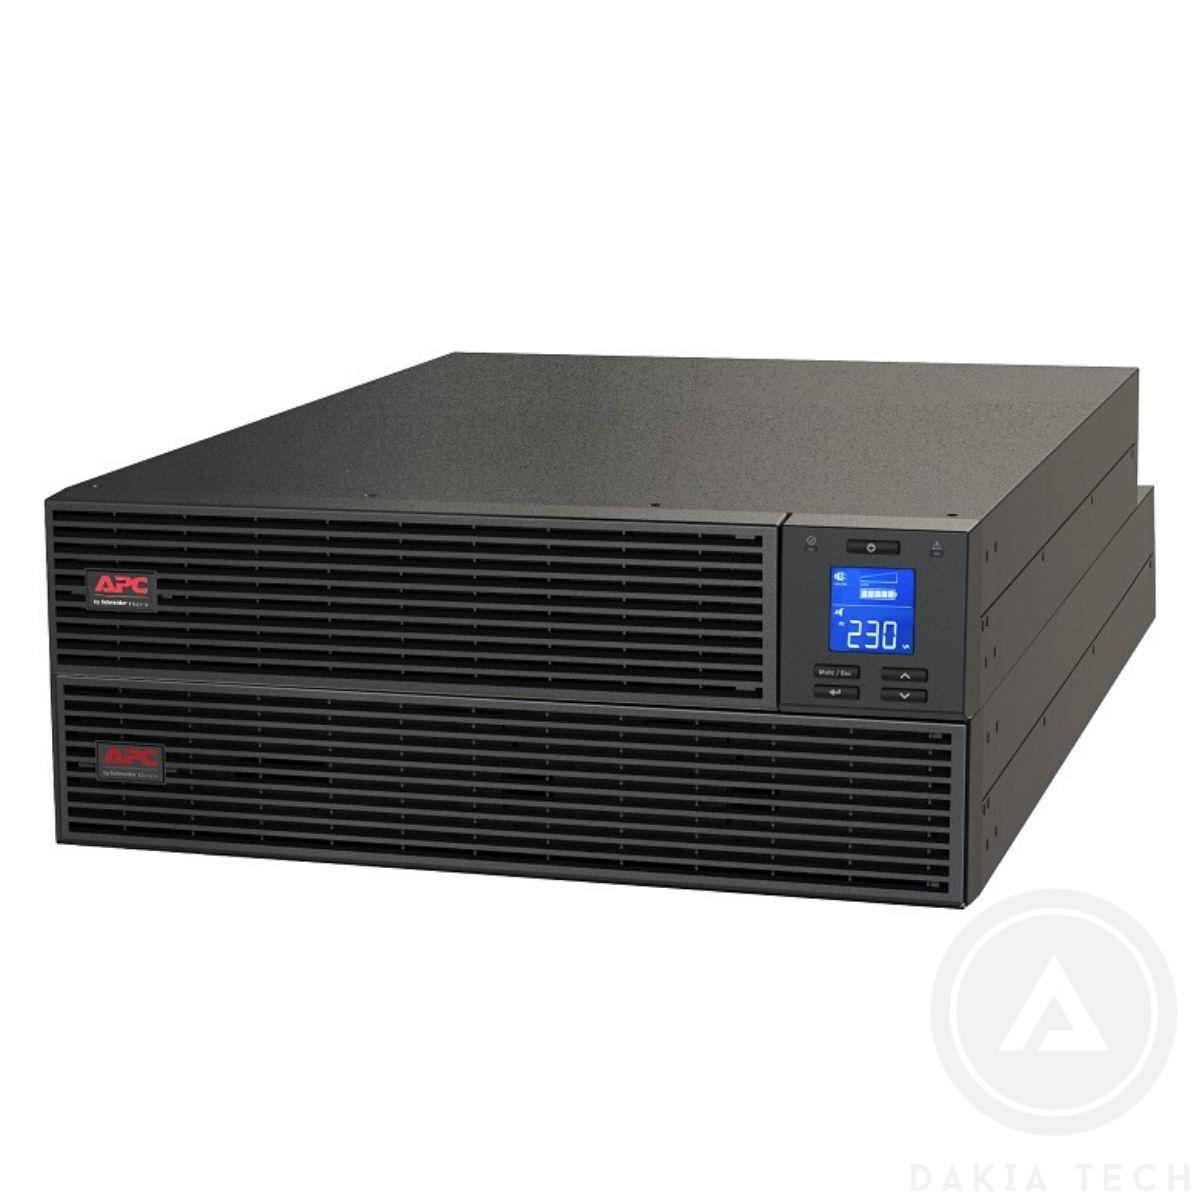 Dakiatech là Nơi bán Bộ lưu điện UPS APC SRV6KRI